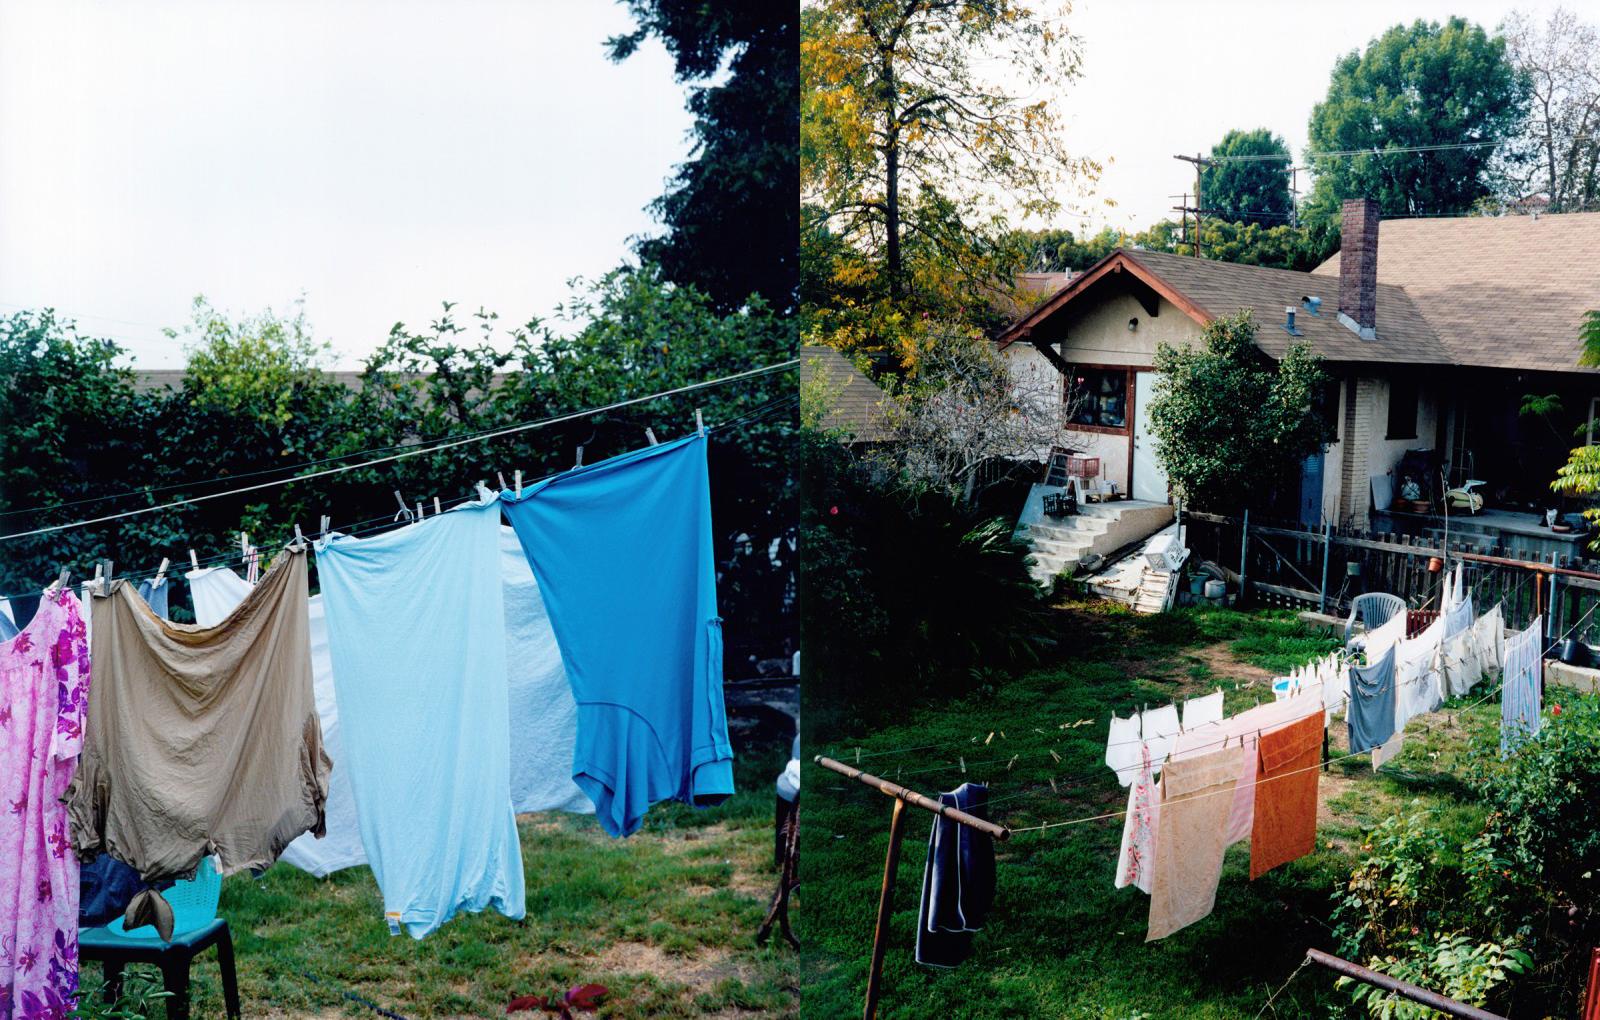 ec_backyard_8-9.jpg